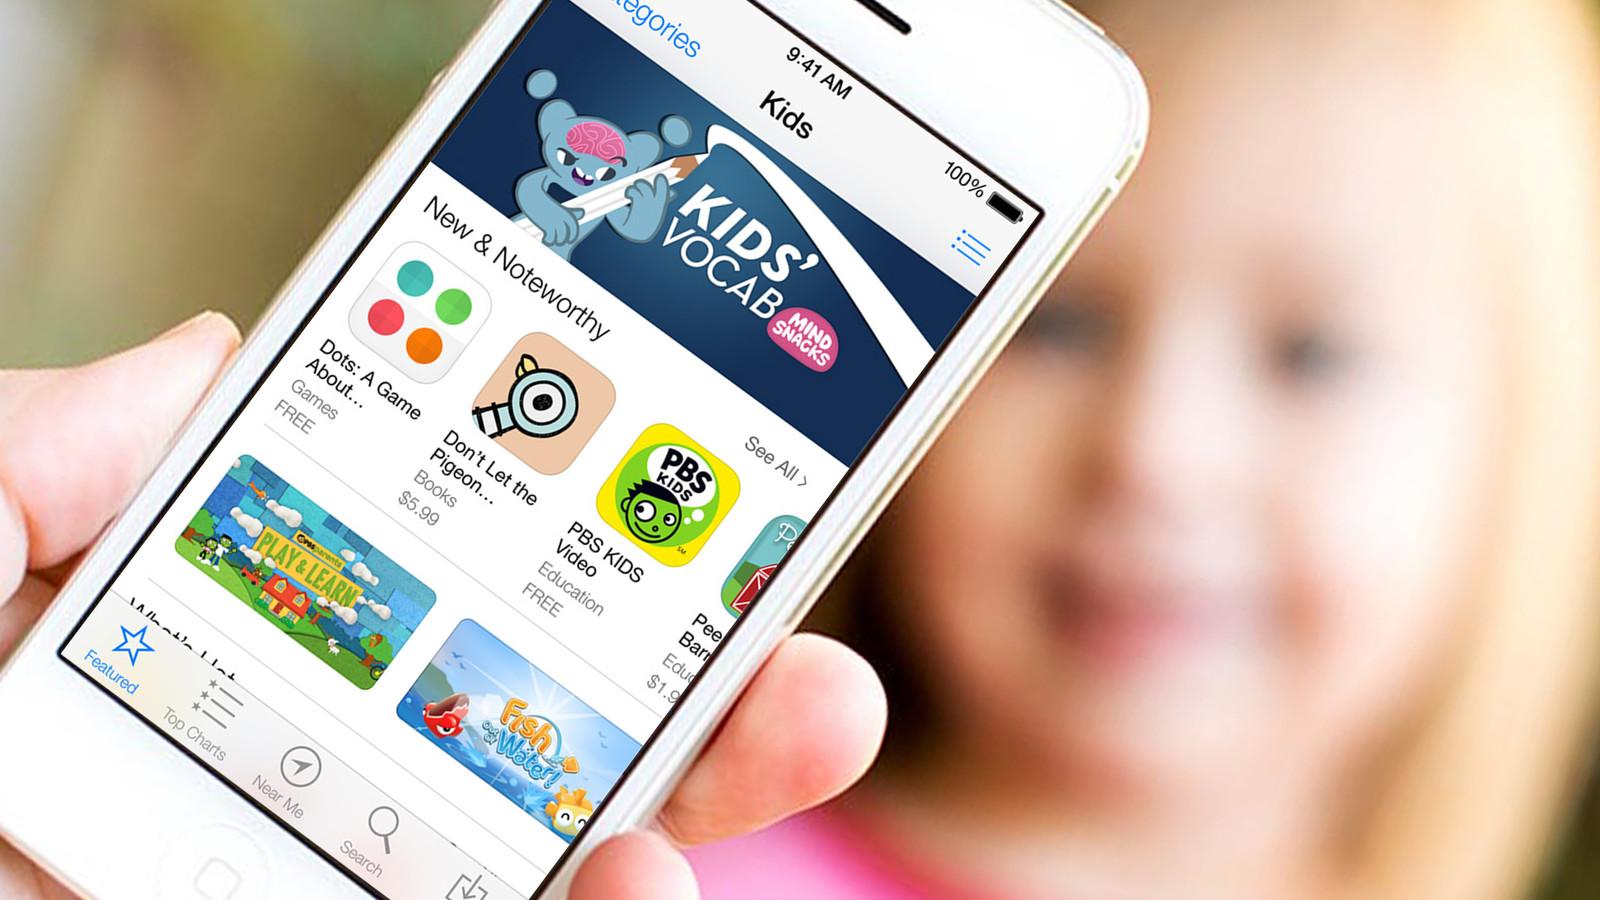 App Store obtuvo $1,100 millones de dólares en diciembre de 2015